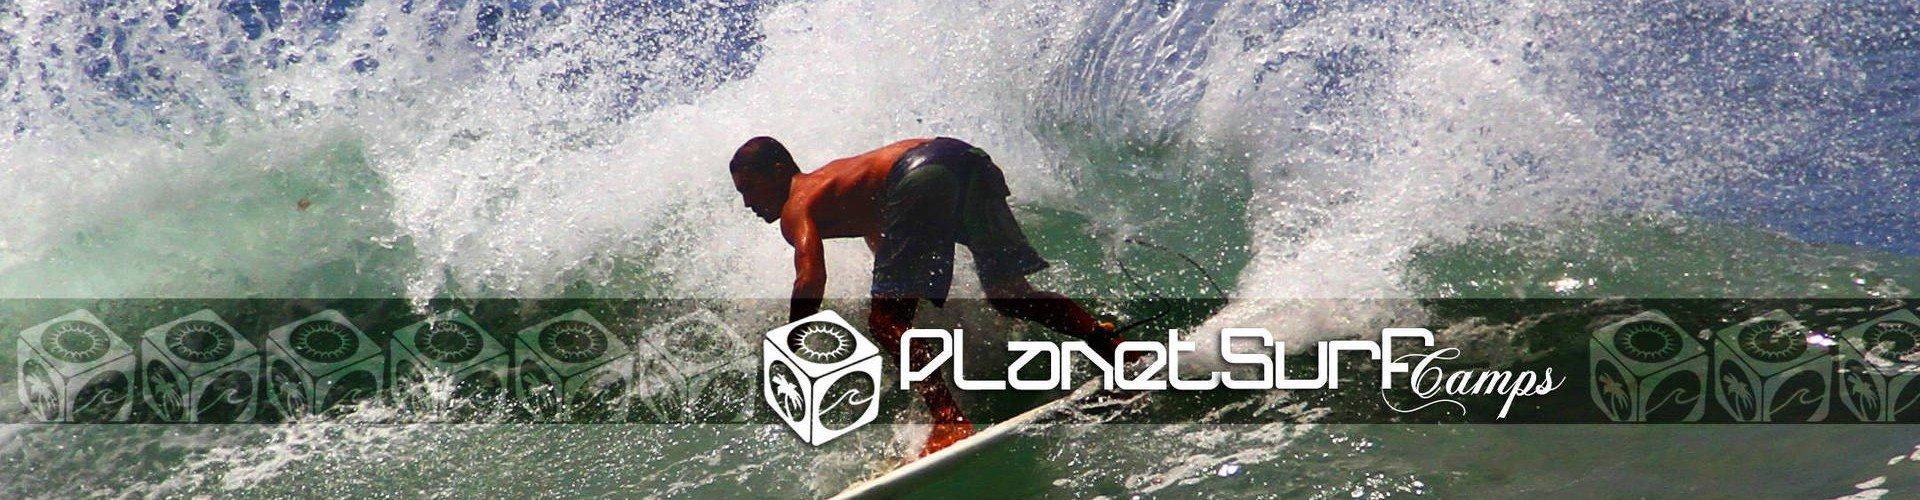 Qualifizierte Surfer unter einer Welle